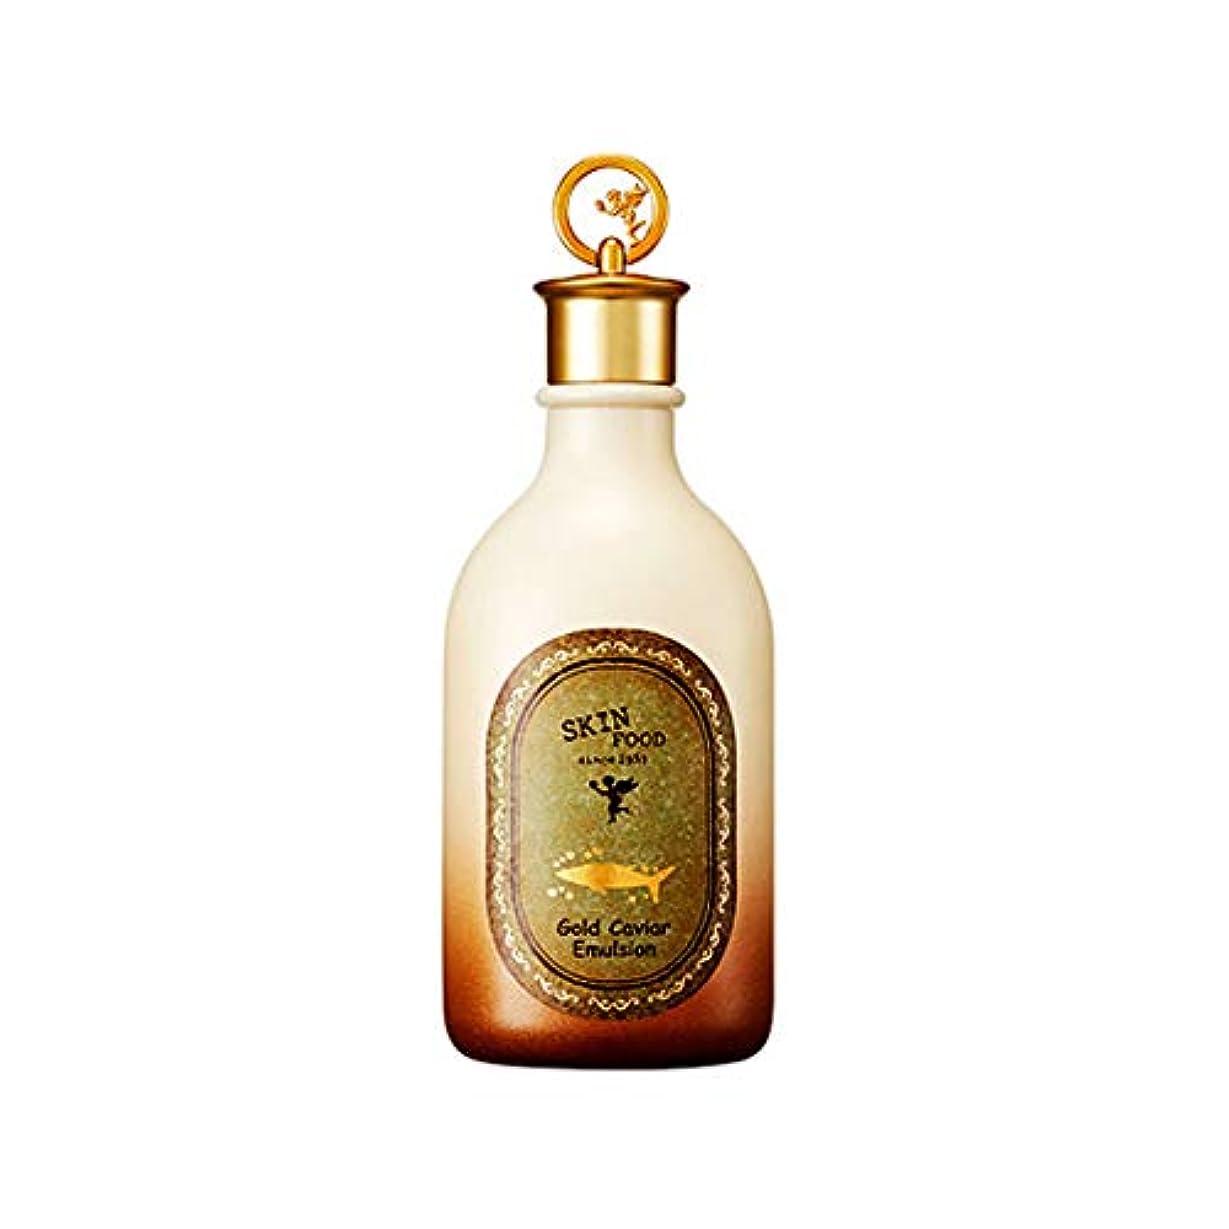 不実過半数式Skinfood ゴールドキャビアエマルジョン(しわケア) / Gold Caviar Emulsion (Wrinkle care) 145ml [並行輸入品]